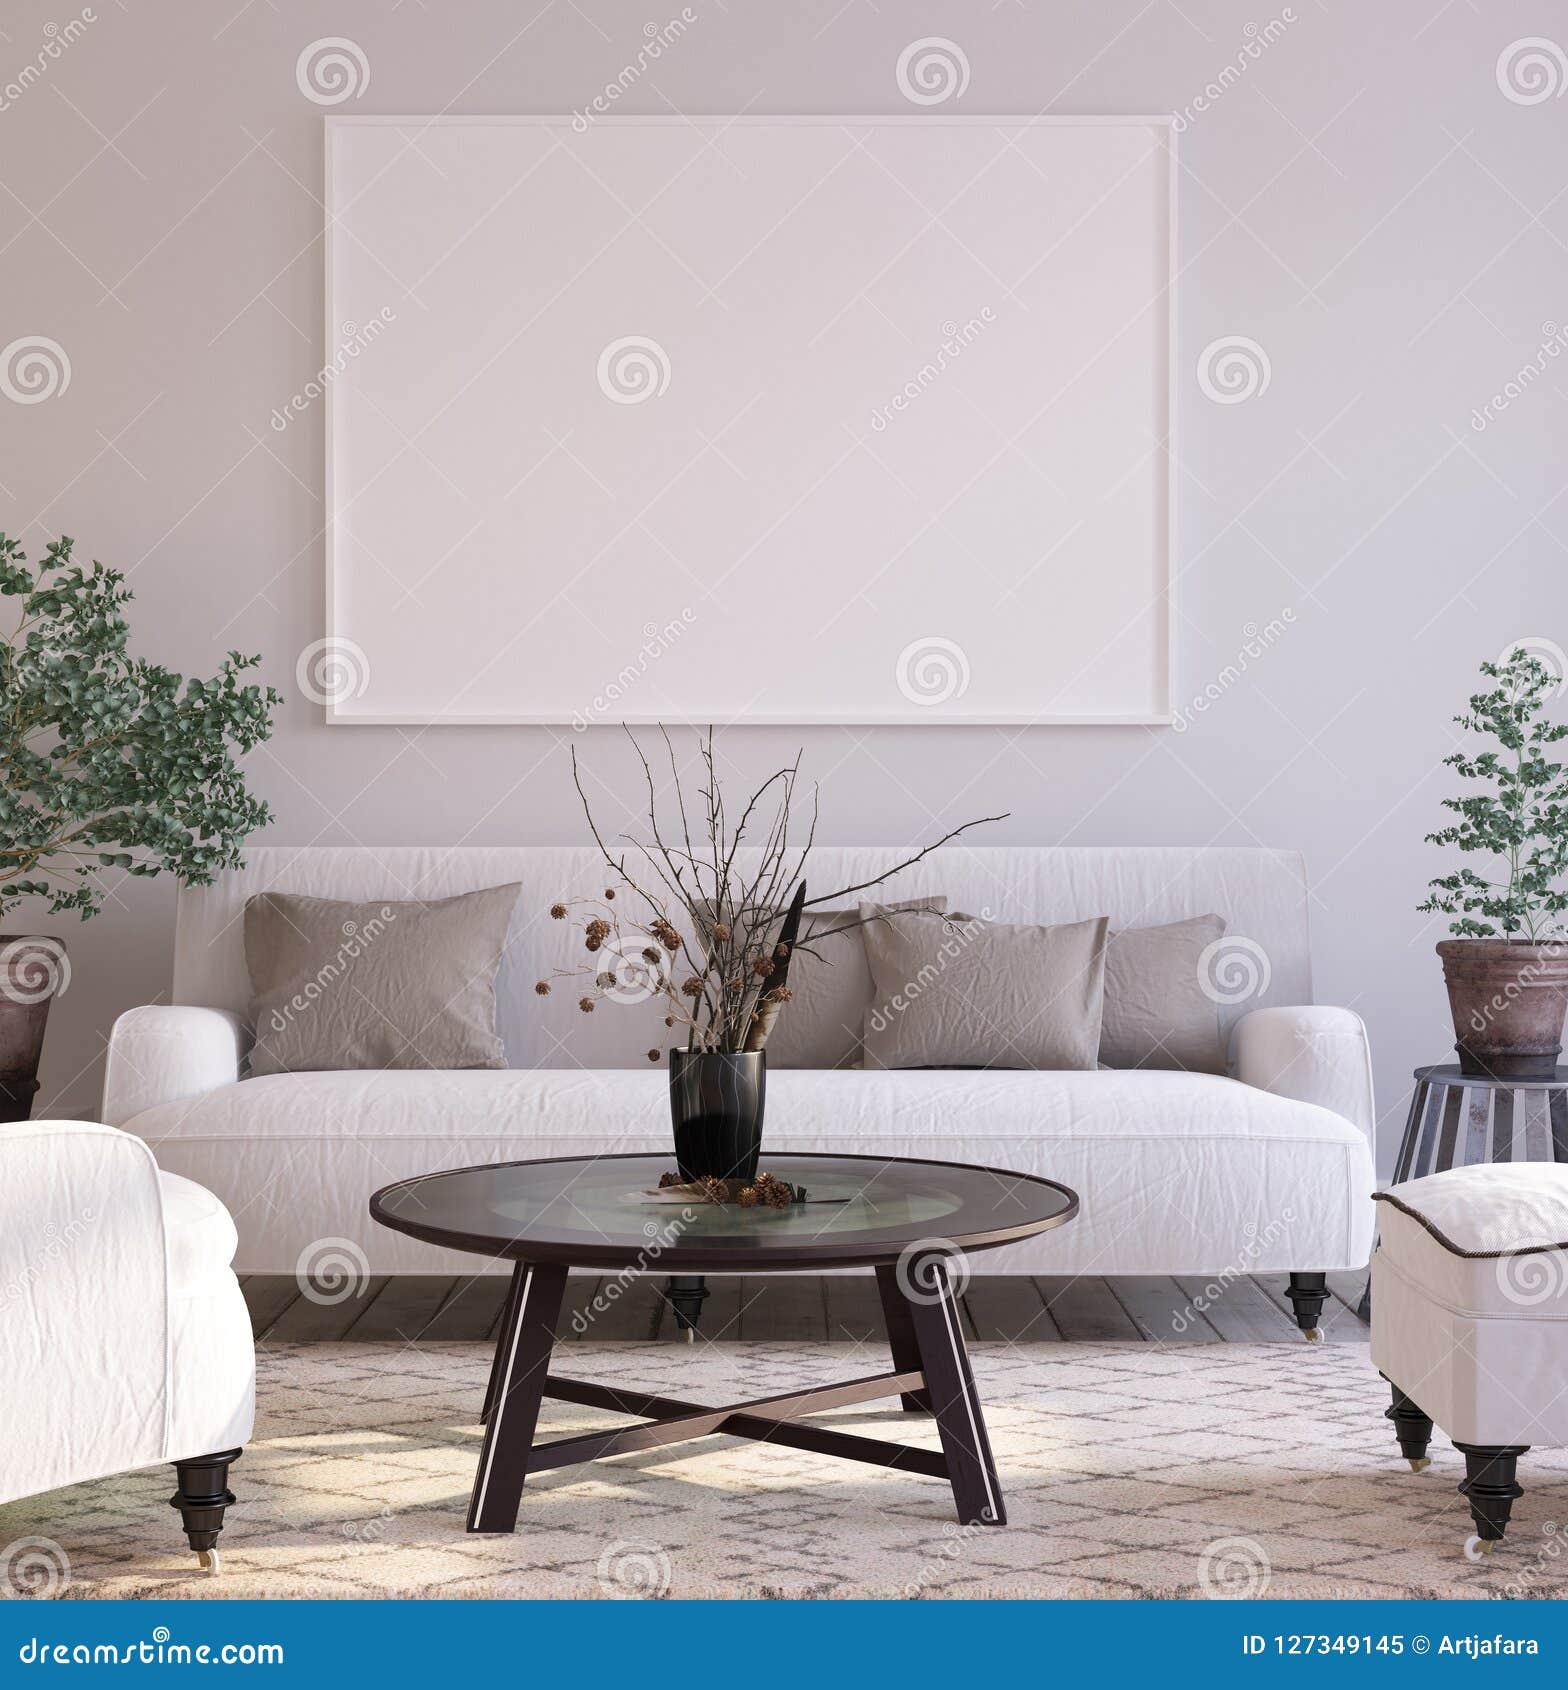 Fond d affiche de maquette dans le salon intérieur, style scandinave